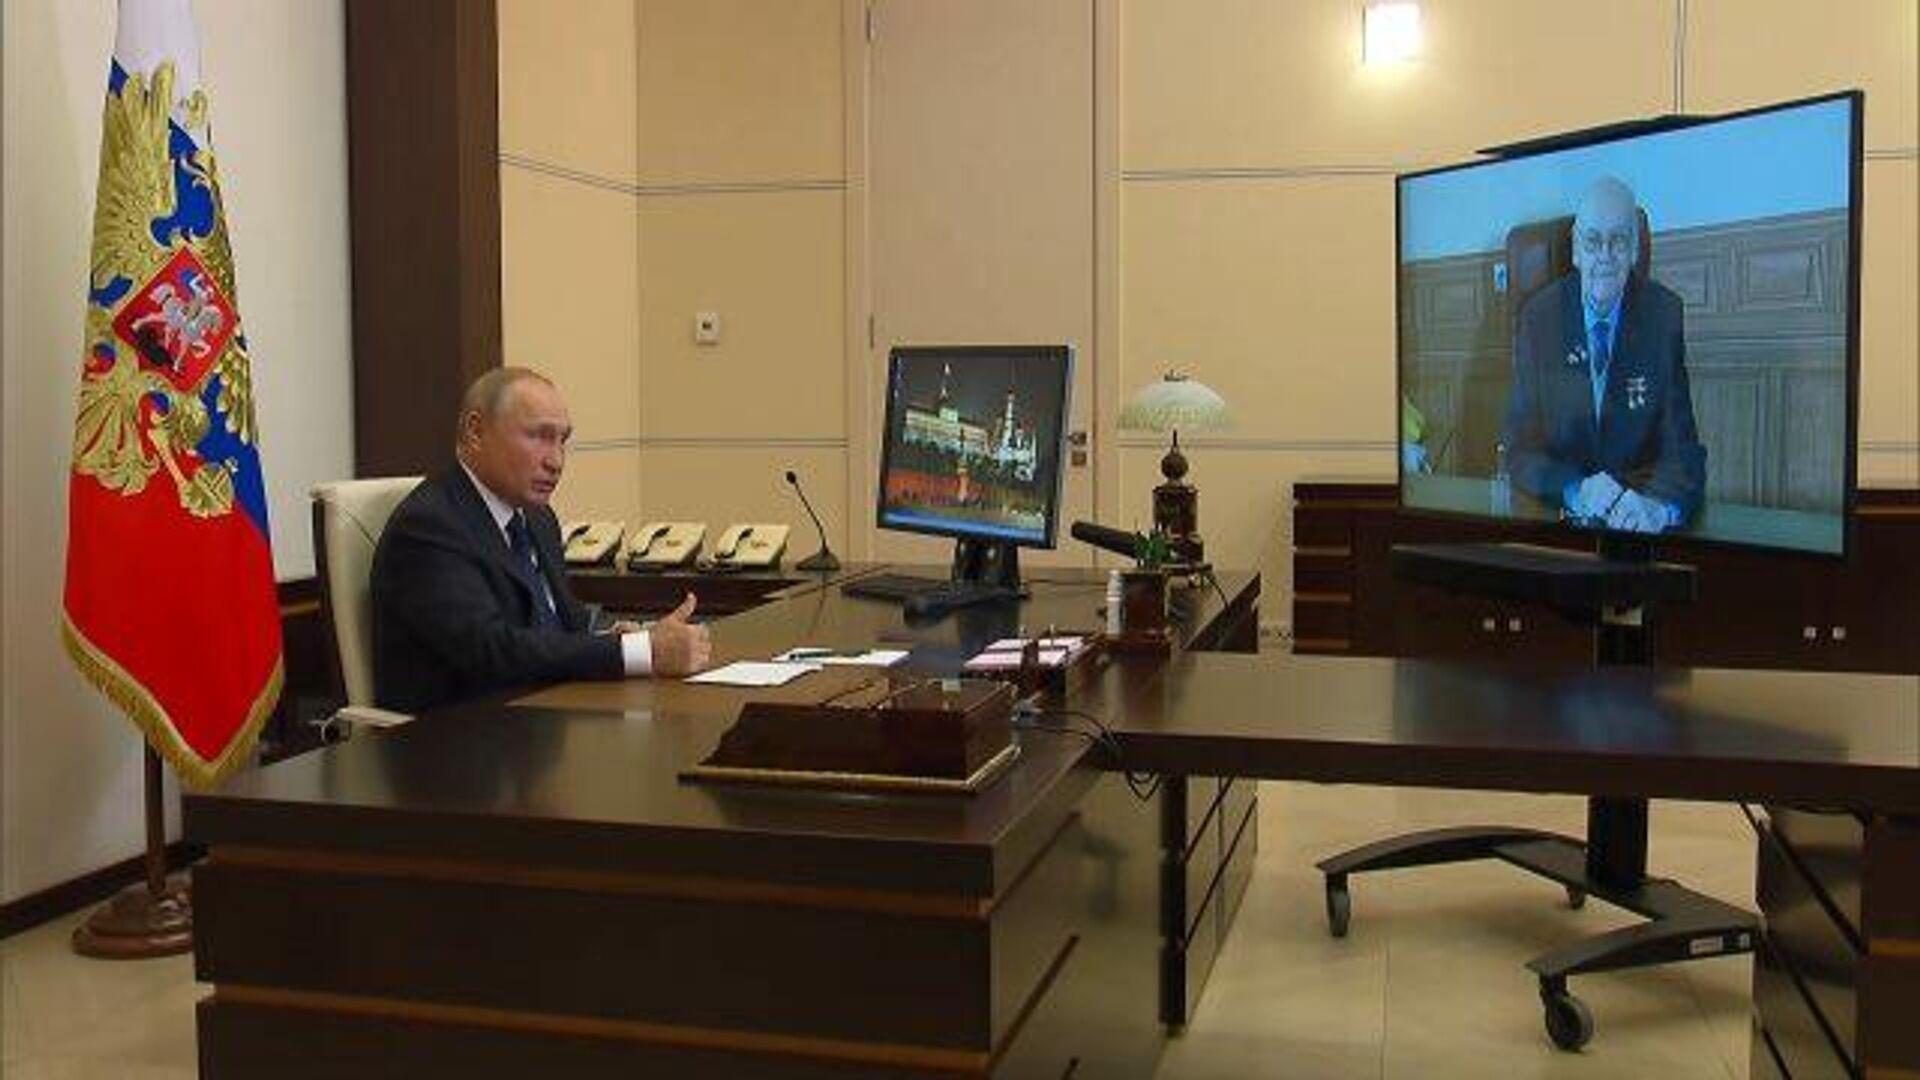 Путин: Россия обладает самыми современными видами оружия - РИА Новости, 1920, 19.09.2020